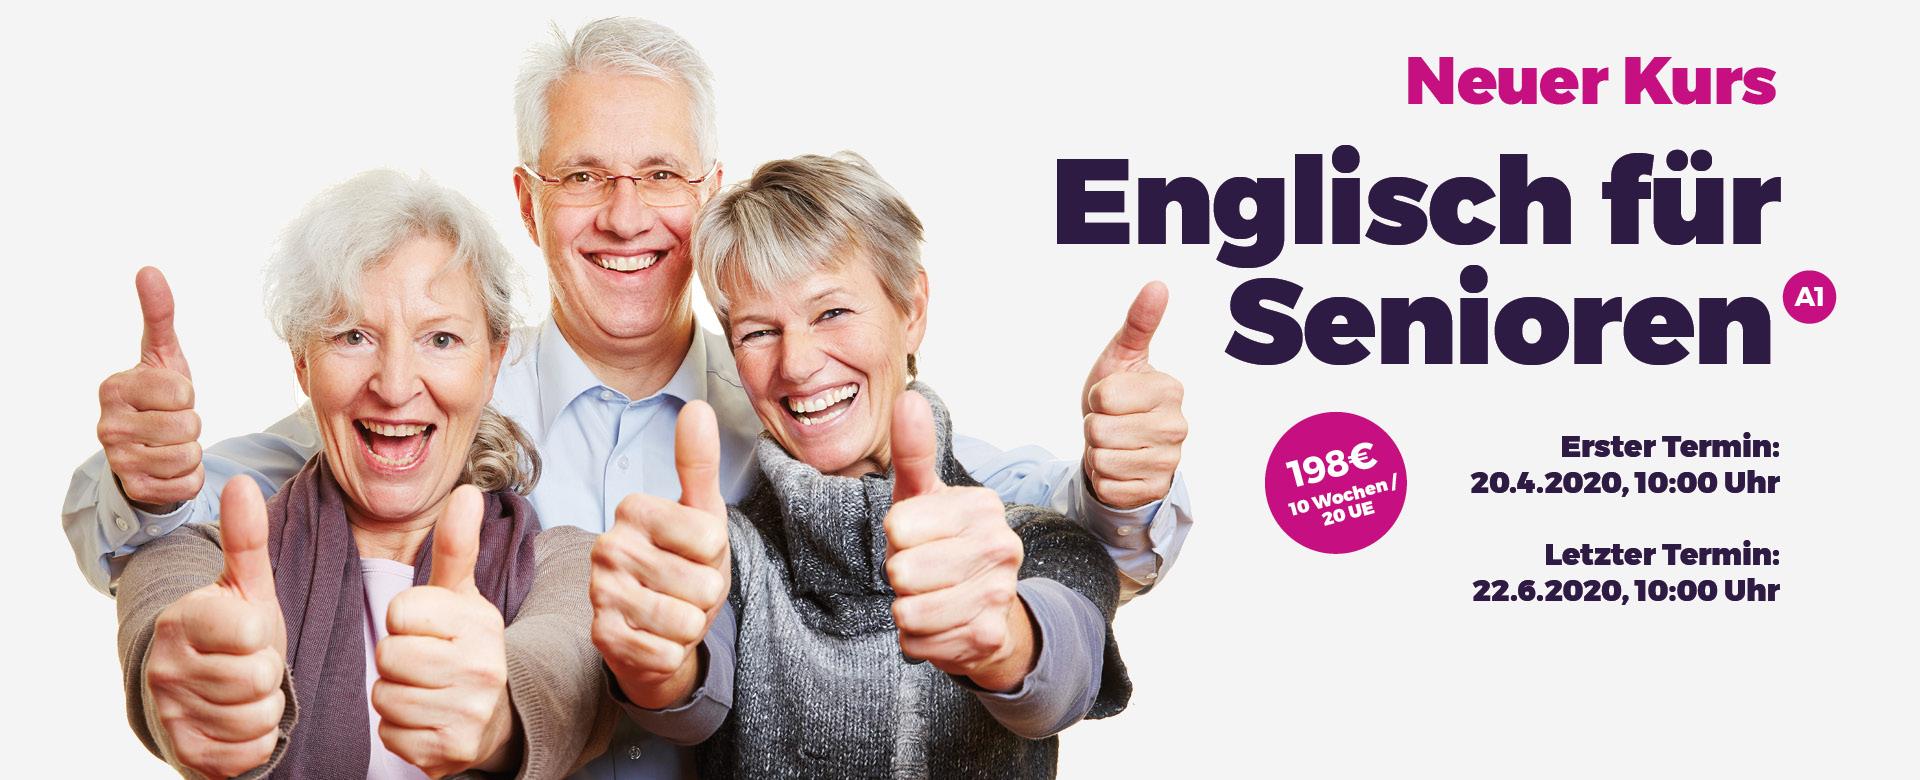 Neuer Kurs: Seniorenenglisch (A1)